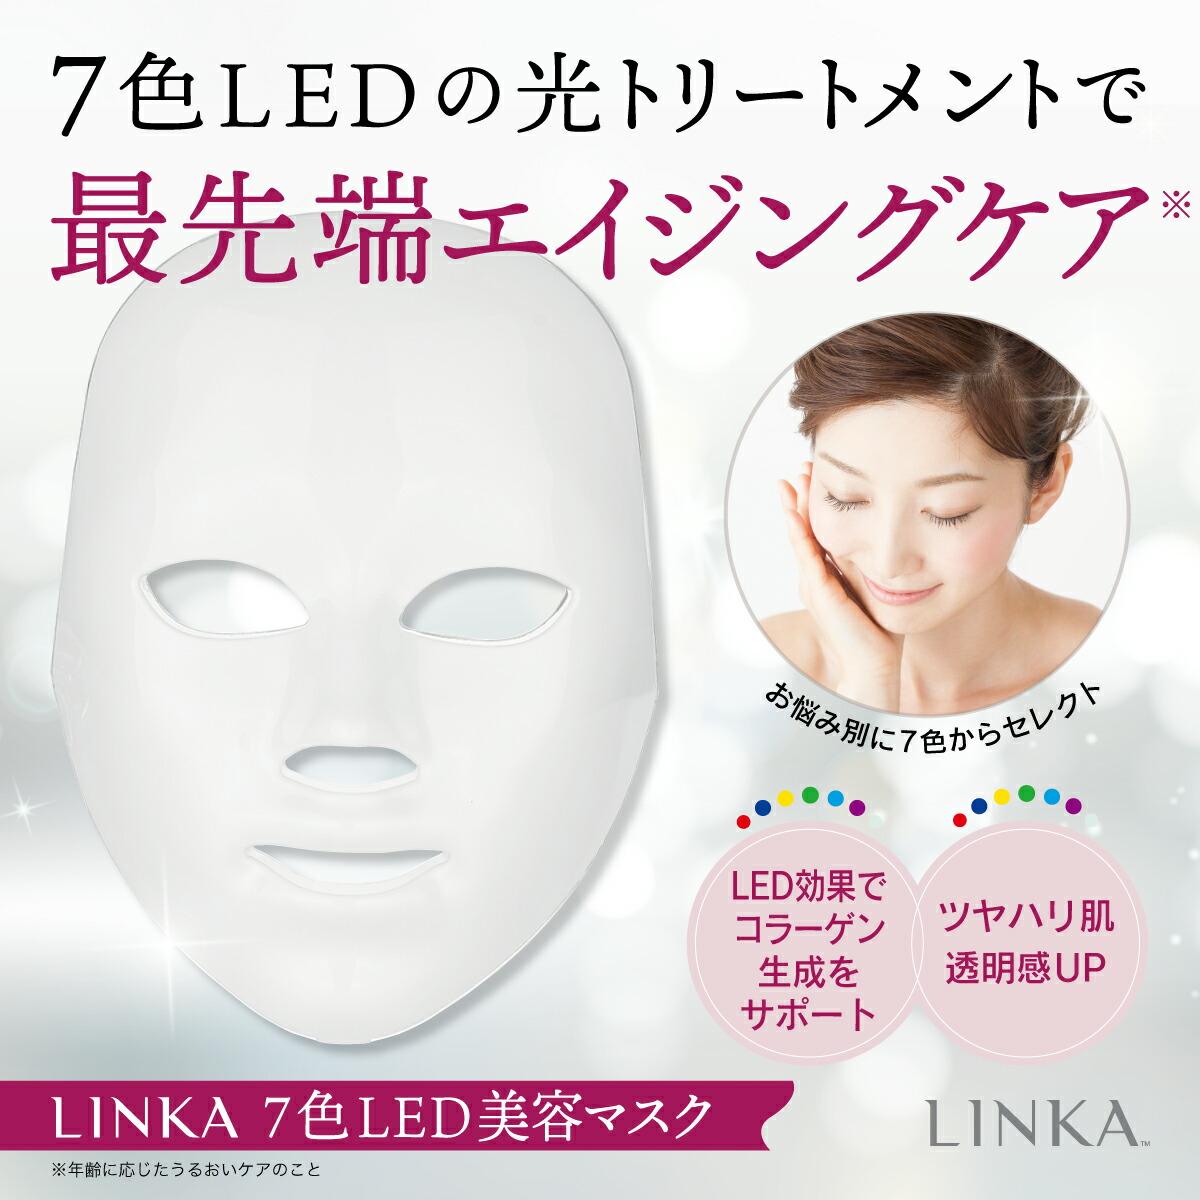 7色LED美容マスク商品画像